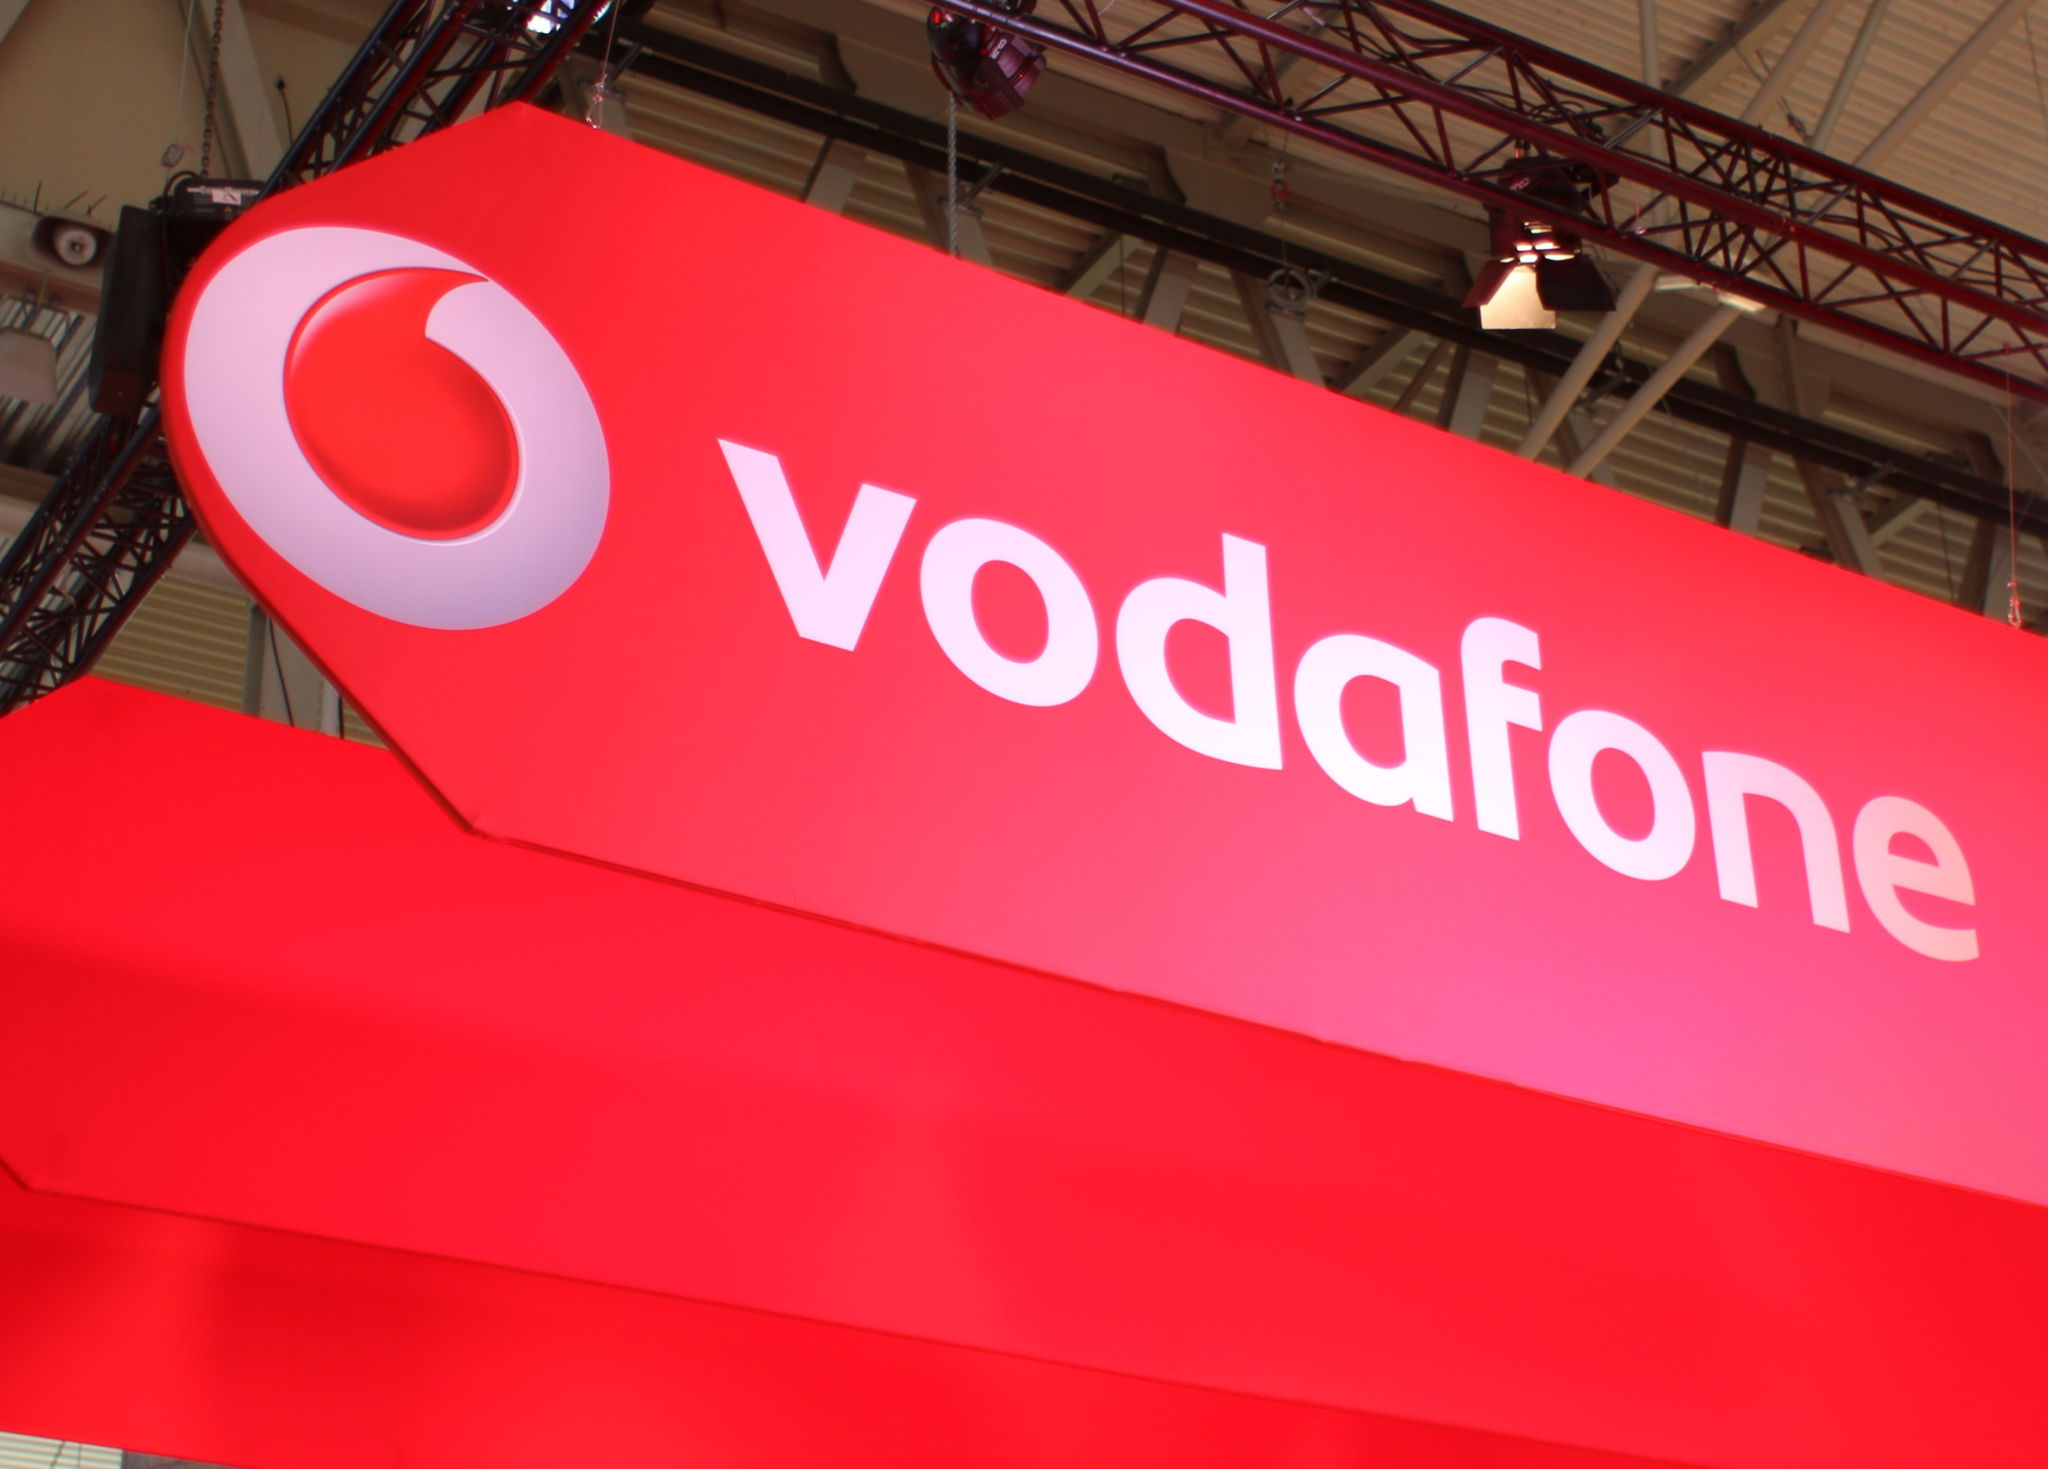 Vodafone down in tutta Italia: problemi a nord e a sud